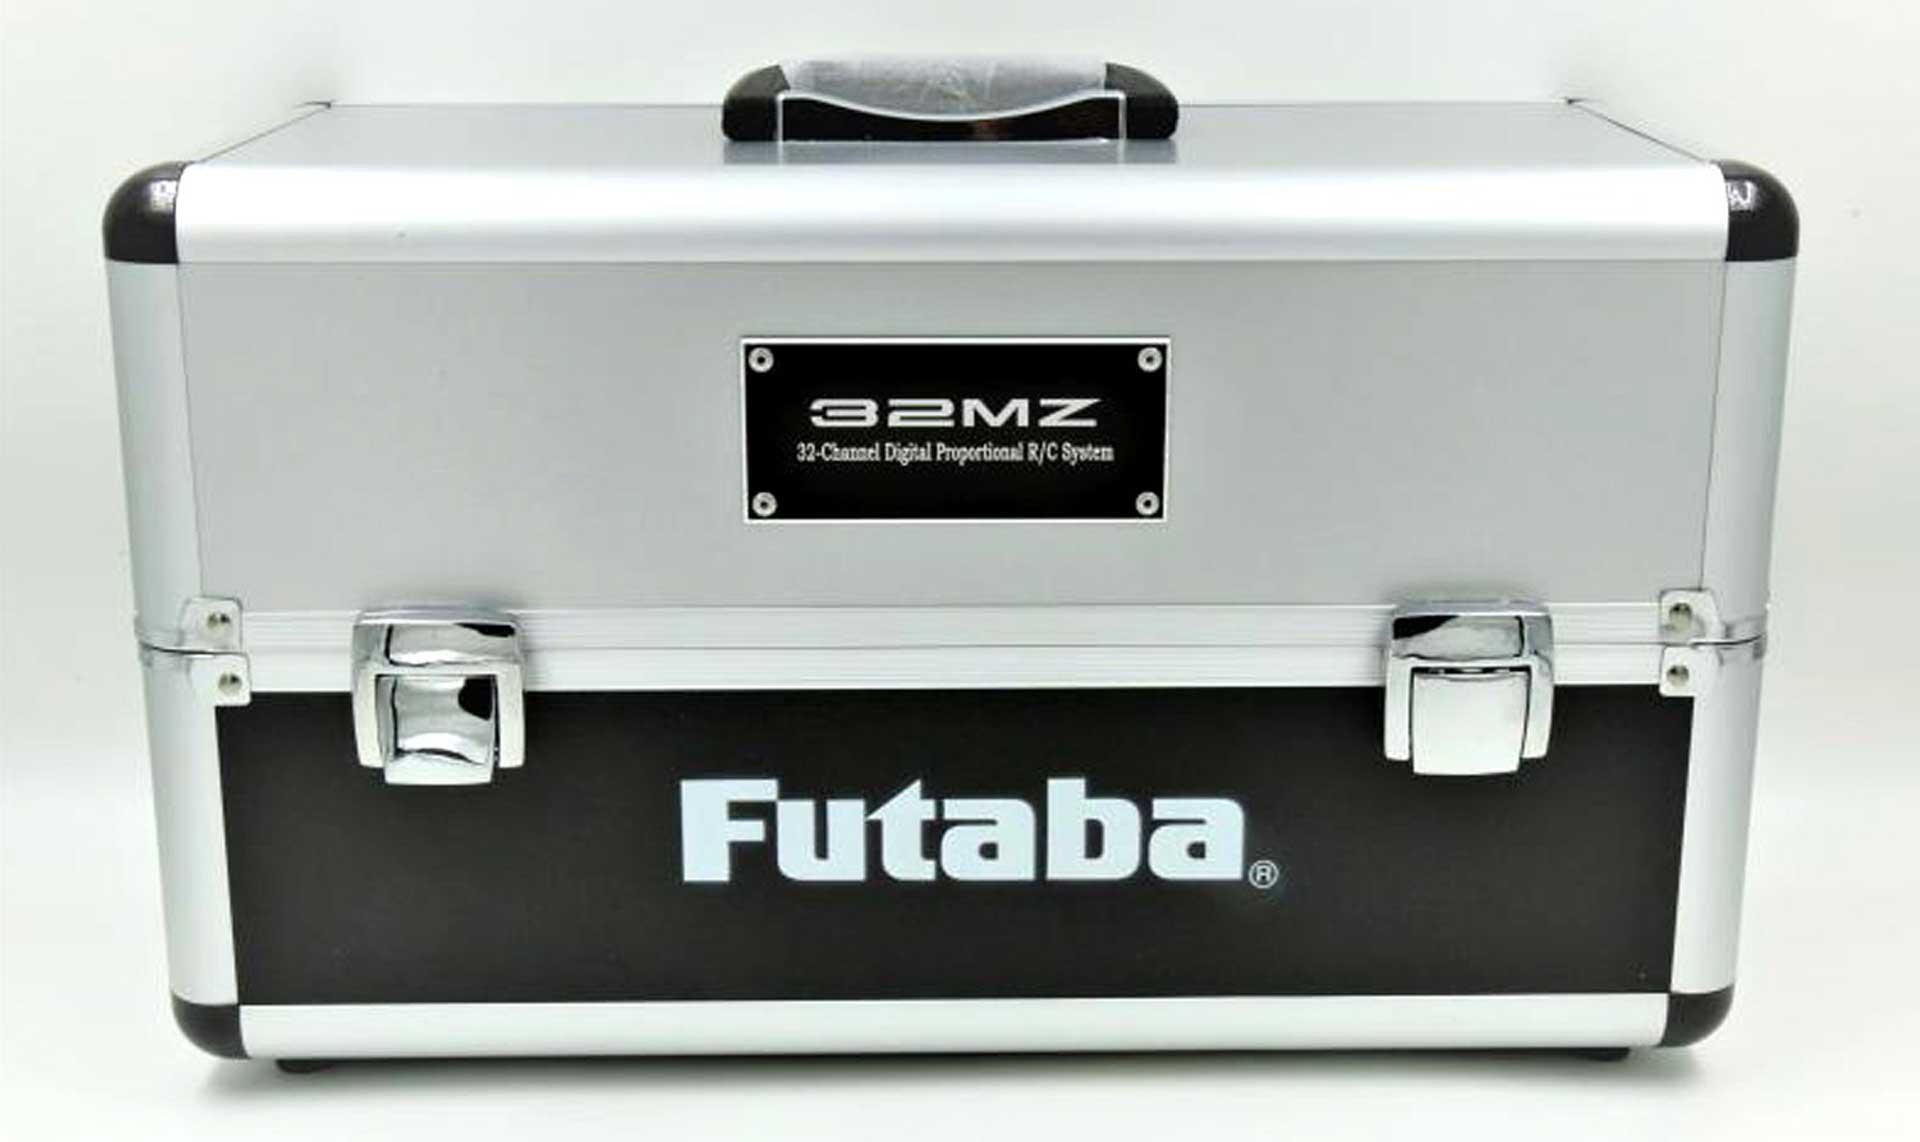 FUTABA Alu-Senderkoffer T32MZ Koffer für 2 T32MZ - 445 x 210 x 260 mm